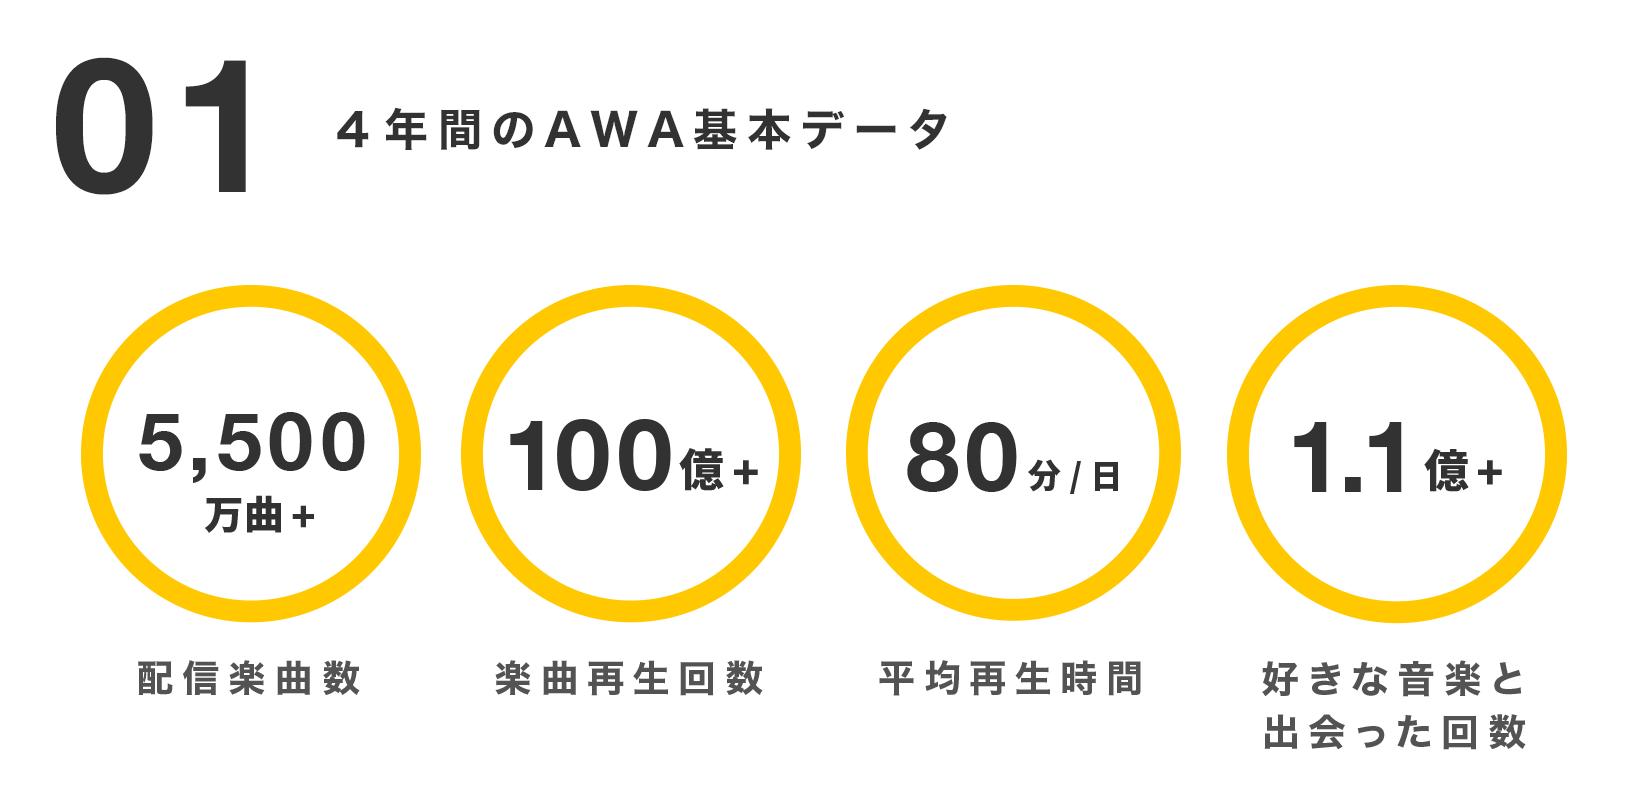 20190527_数字で見るAWA_CApress_挿入が画像01_基本情報.png